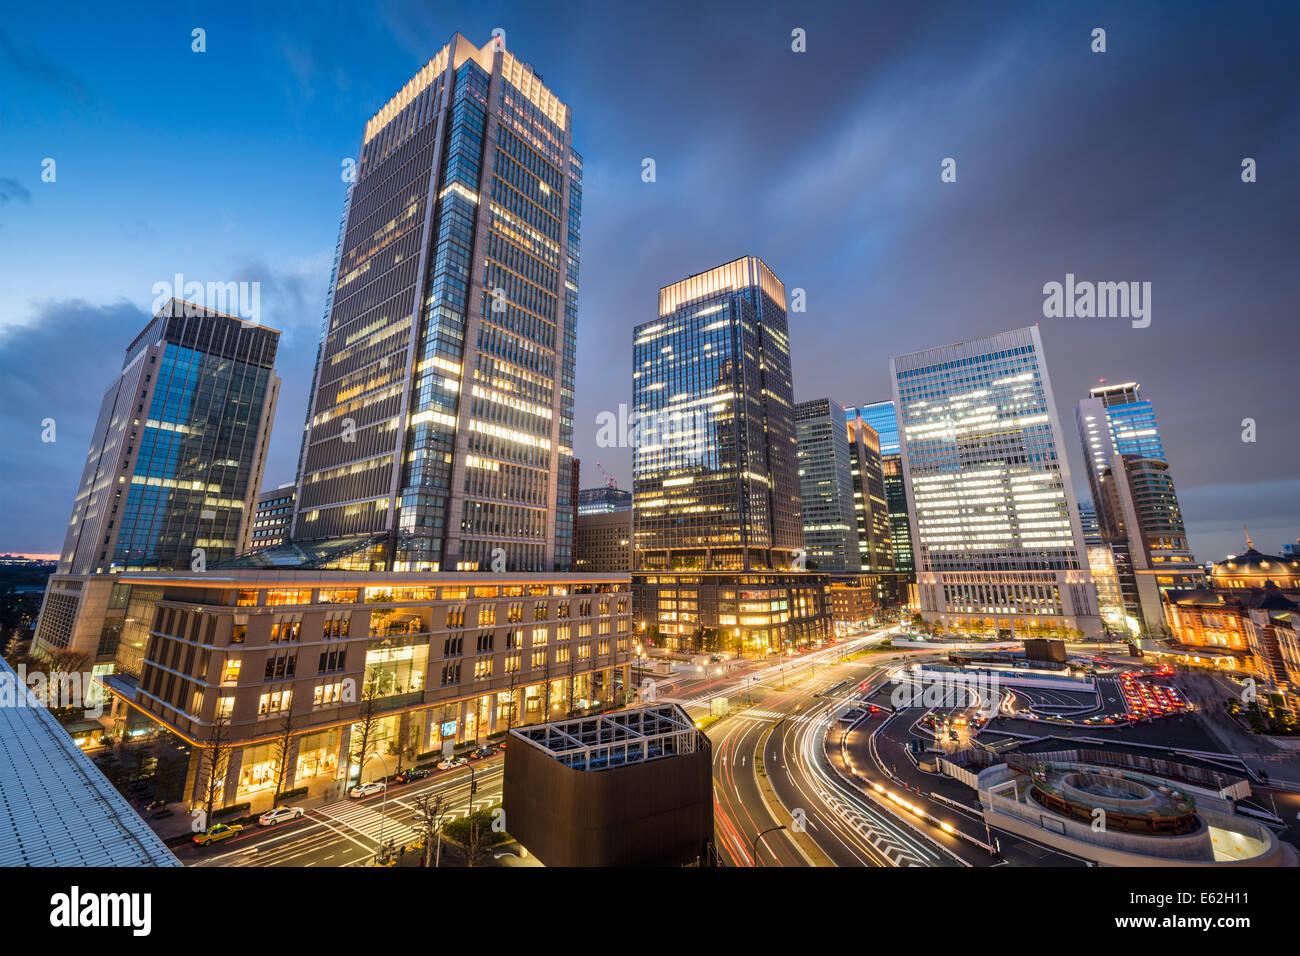 Tokio, Japón, en el distrito de negocios de Marunouchi. Imagen De Stock